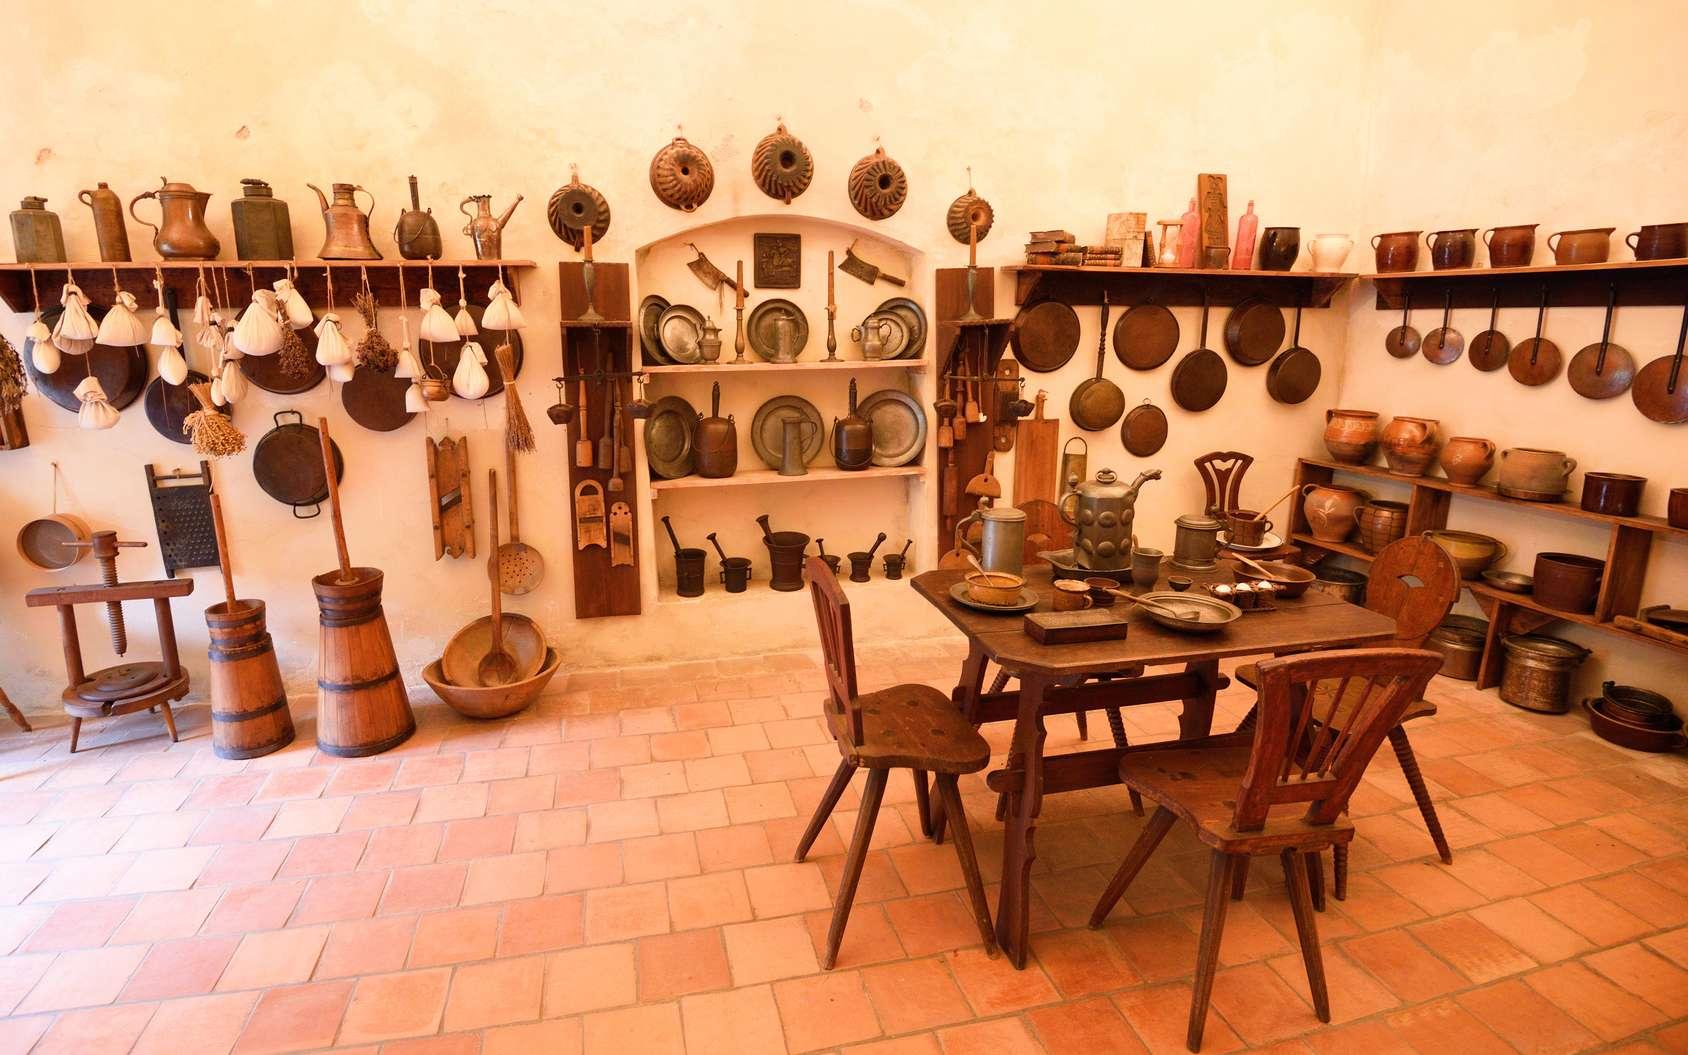 Les divers objets présents dans les cuisines au Moyen Âge. © grondetphoto, fotolia